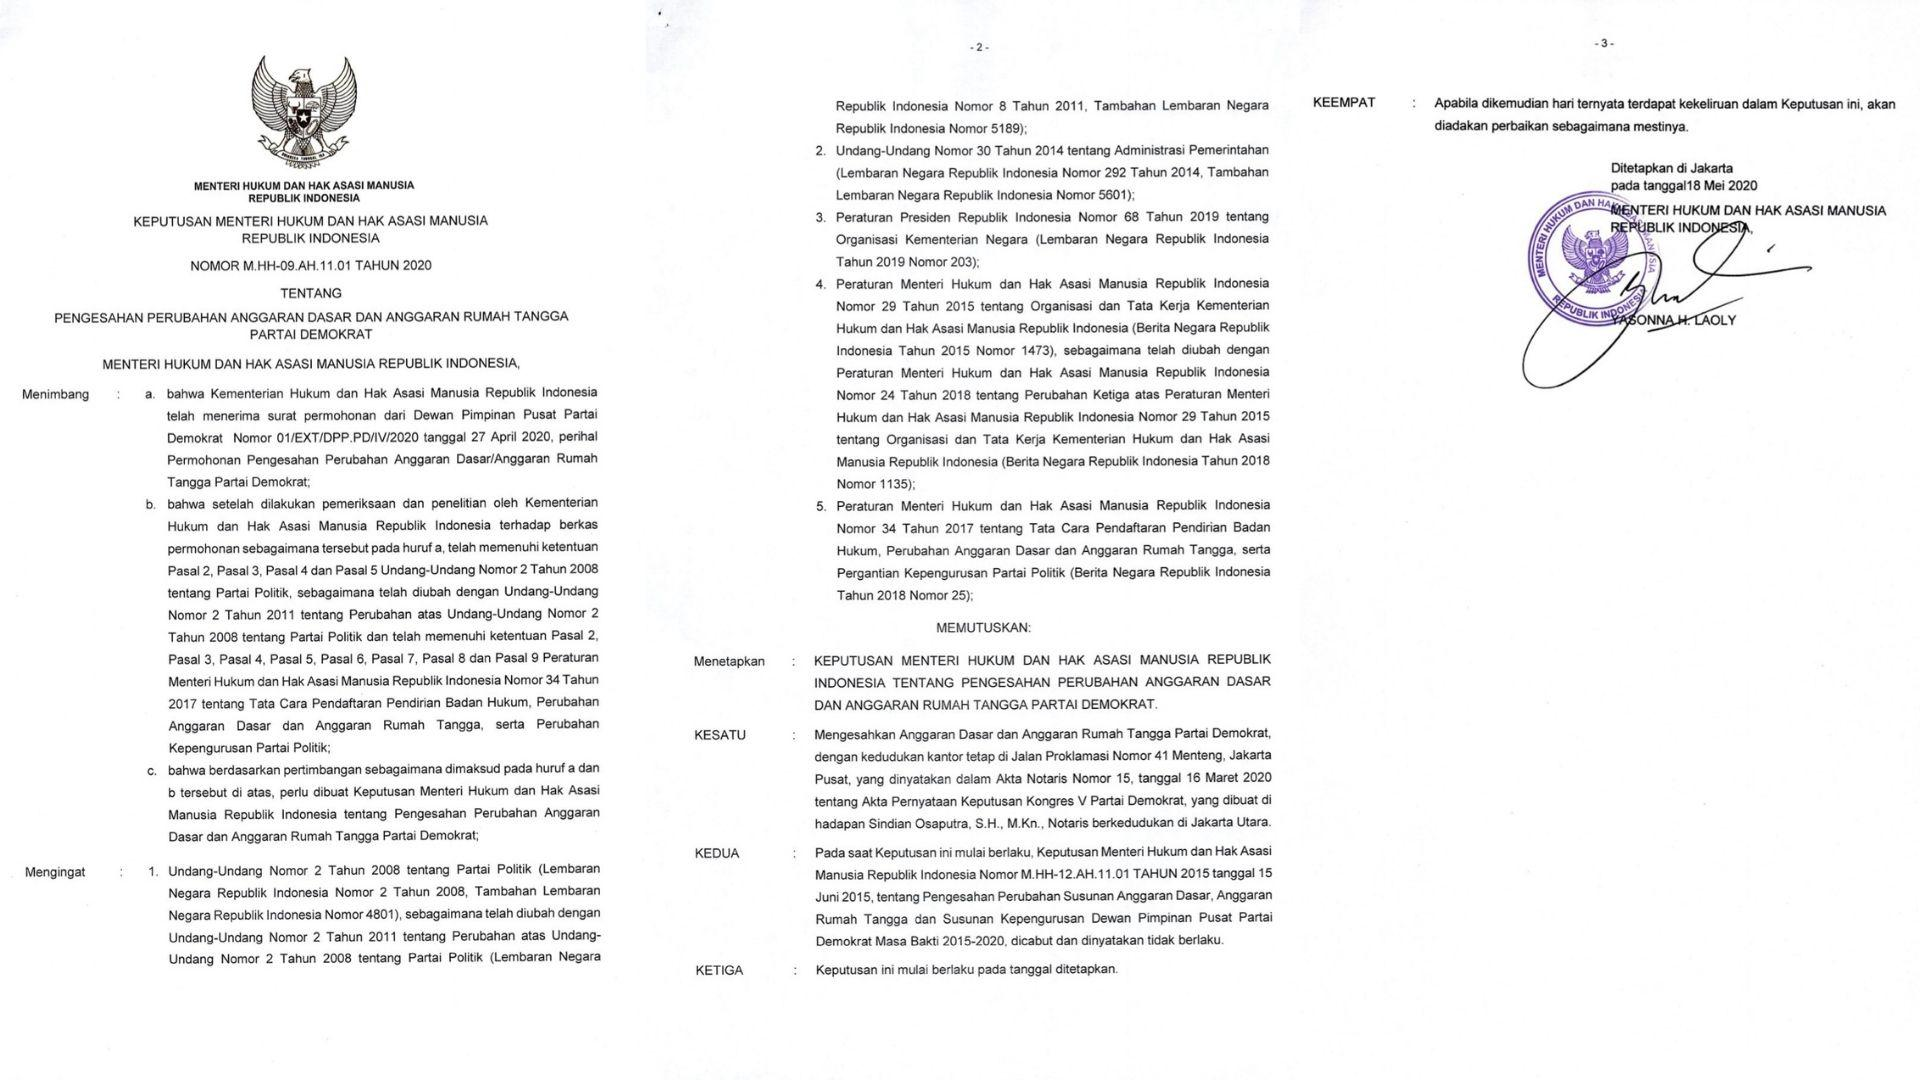 Dokumen AD/ART Partai Demokrat yang diunggah Annisa Pohan di akun Twitter pribadinya.